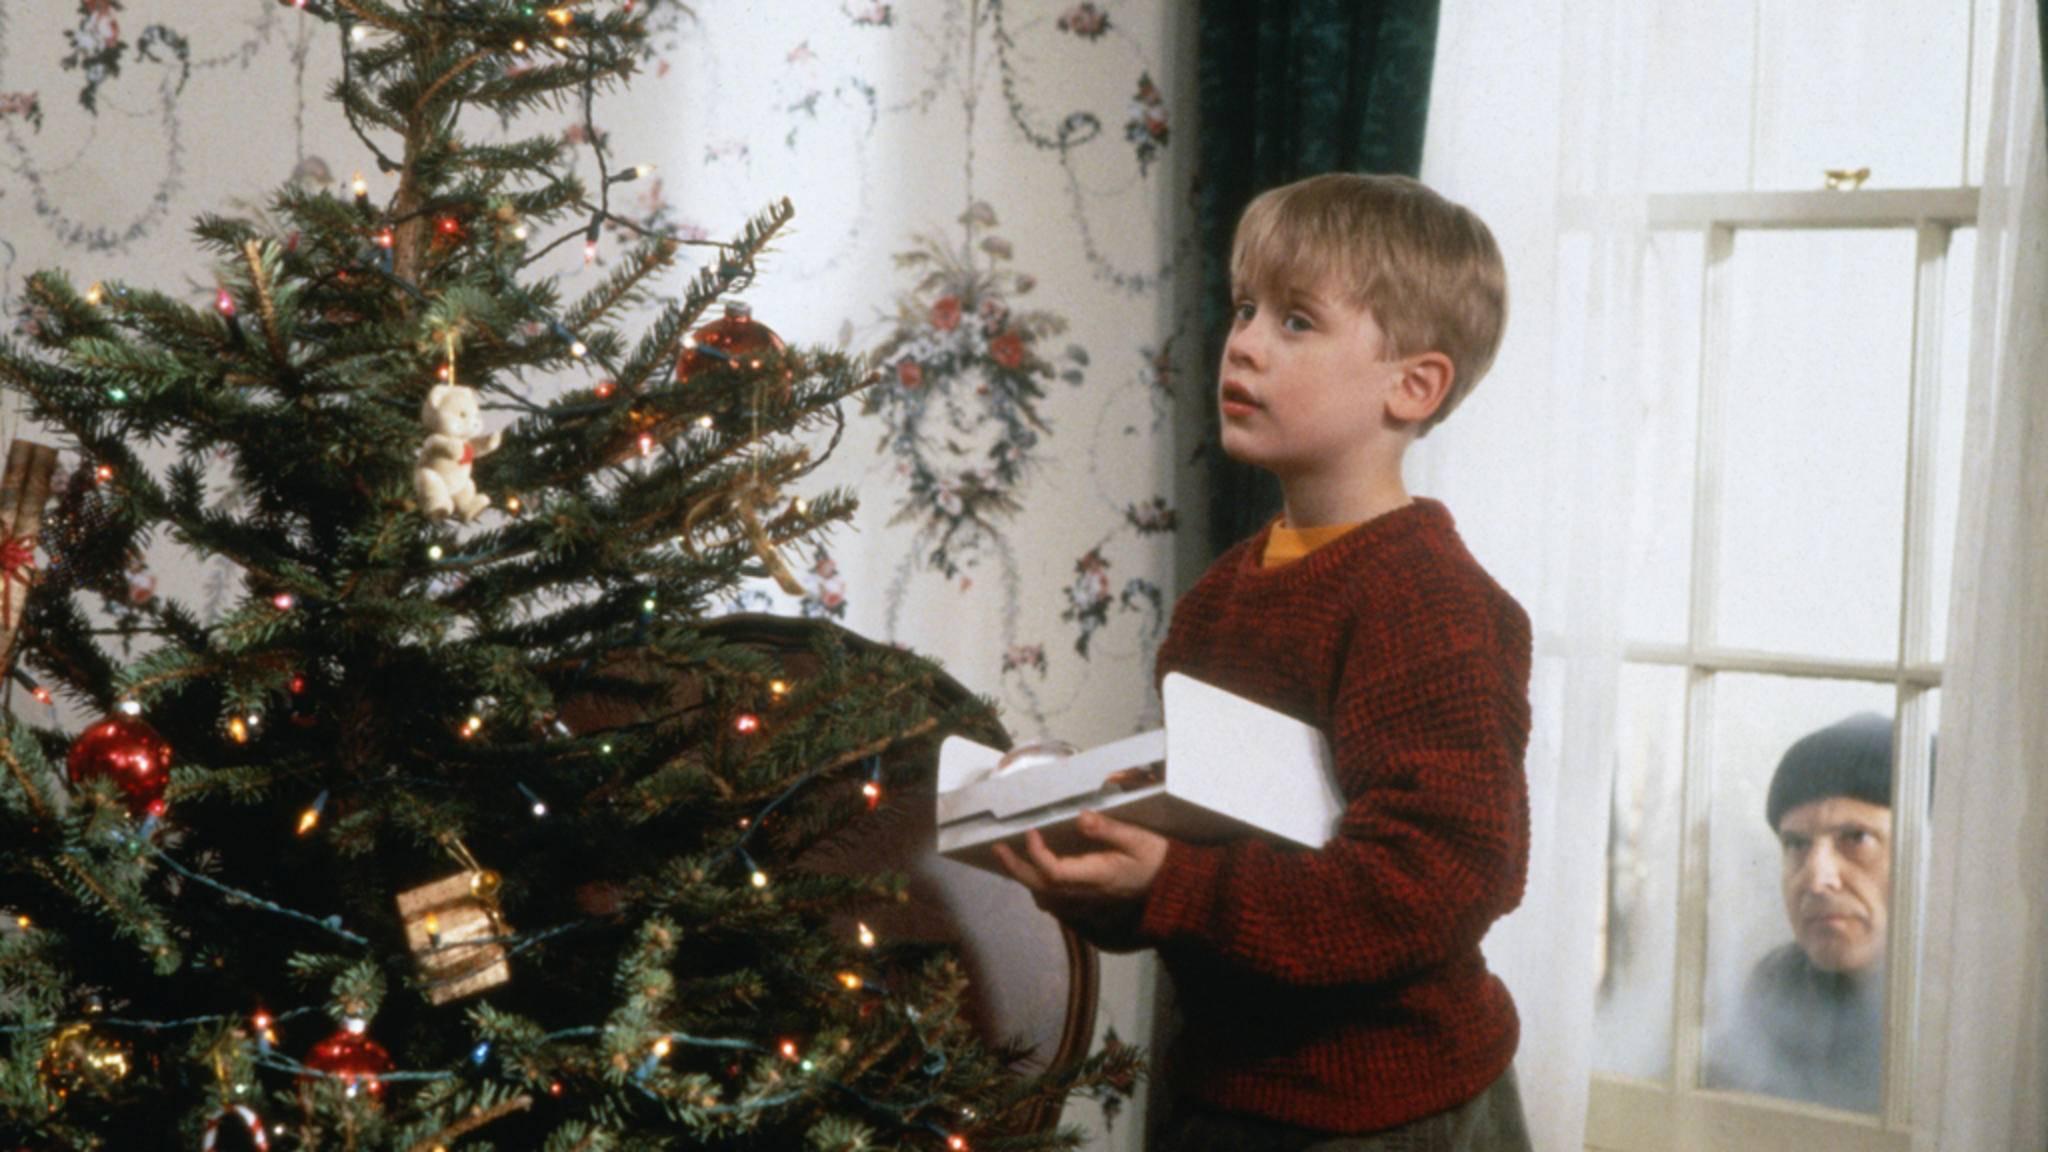 Auf welche Weihnachtsfilme kannst Du in der Adventszeit auf keinen Fall verzichten?